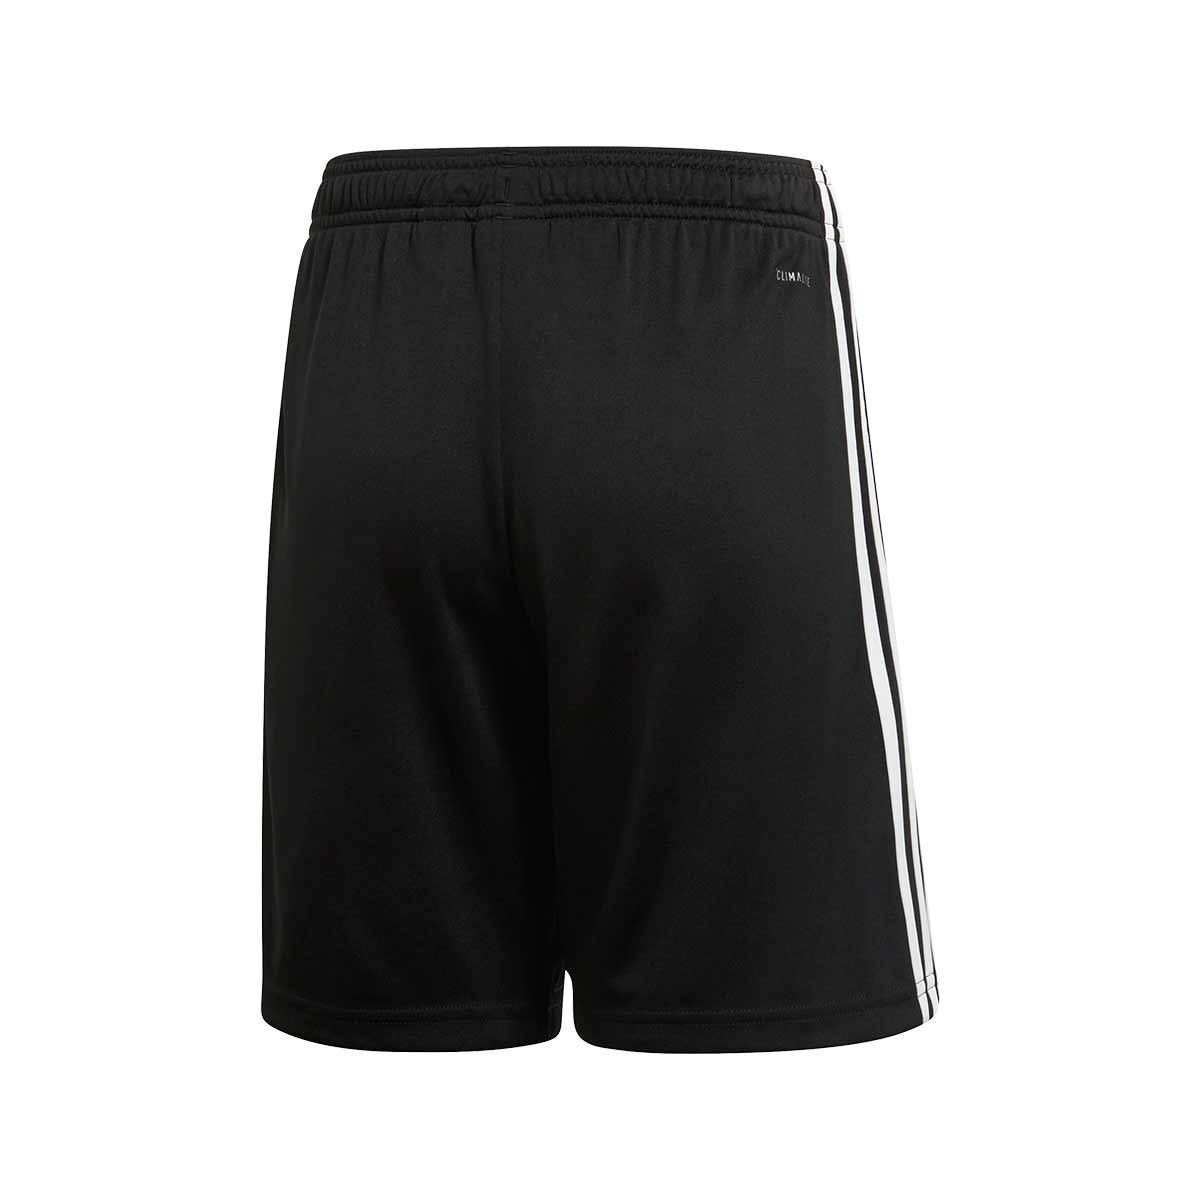 7f32e2ea114 Shorts adidas Juventus Primera Equipación 2019-2020 Niño Black-White -  Tienda de fútbol Fútbol Emotion